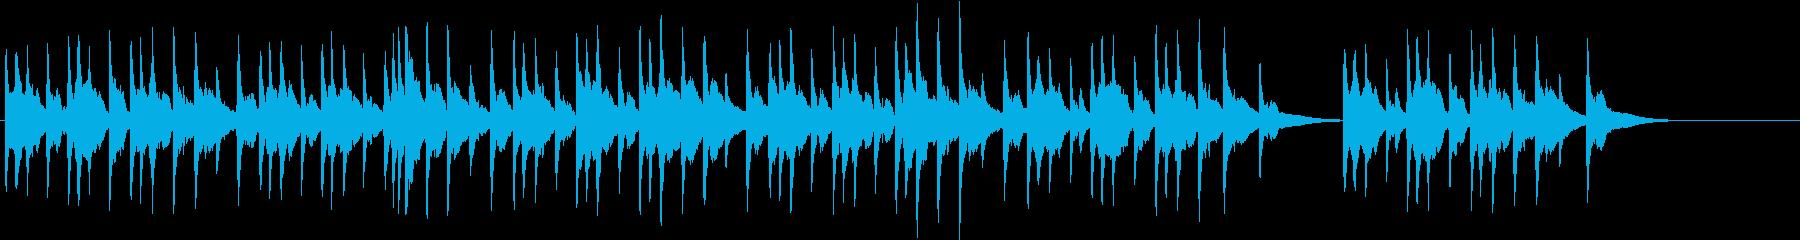 メヌエット オルゴール クラシックの再生済みの波形